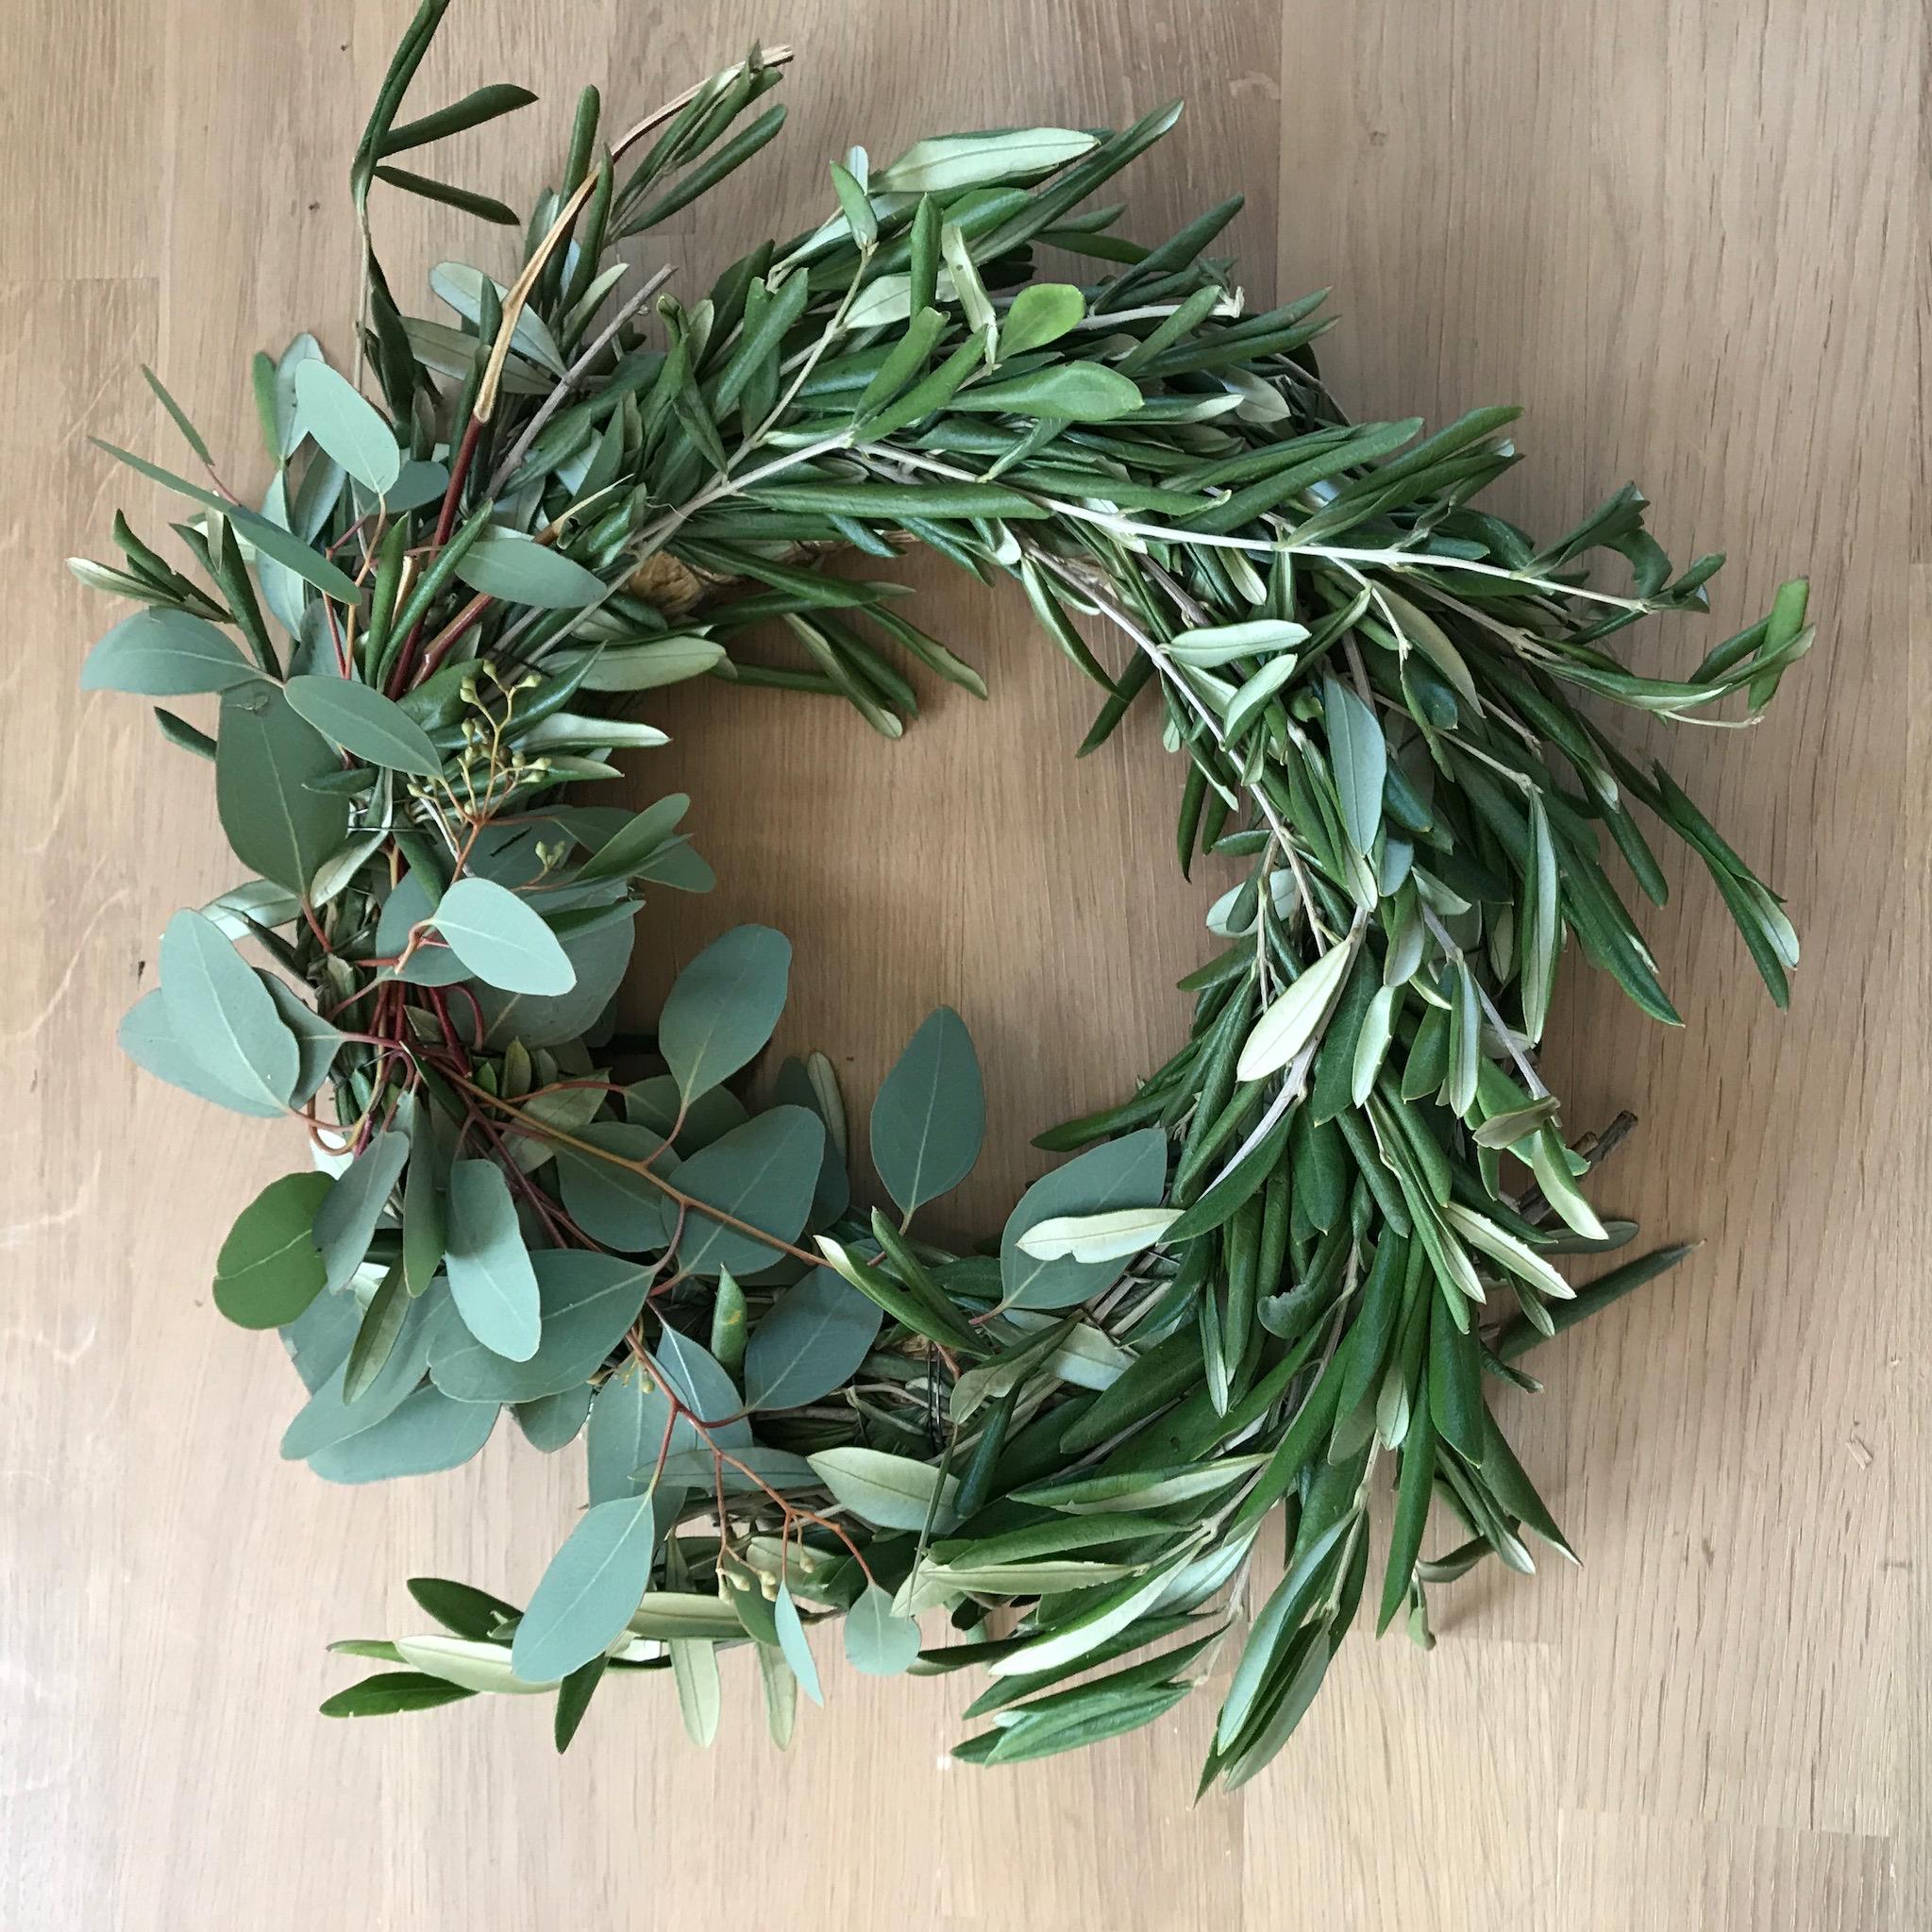 Oliven Eukalyptuskranz Binden Step By Step Mit Video Anleitung